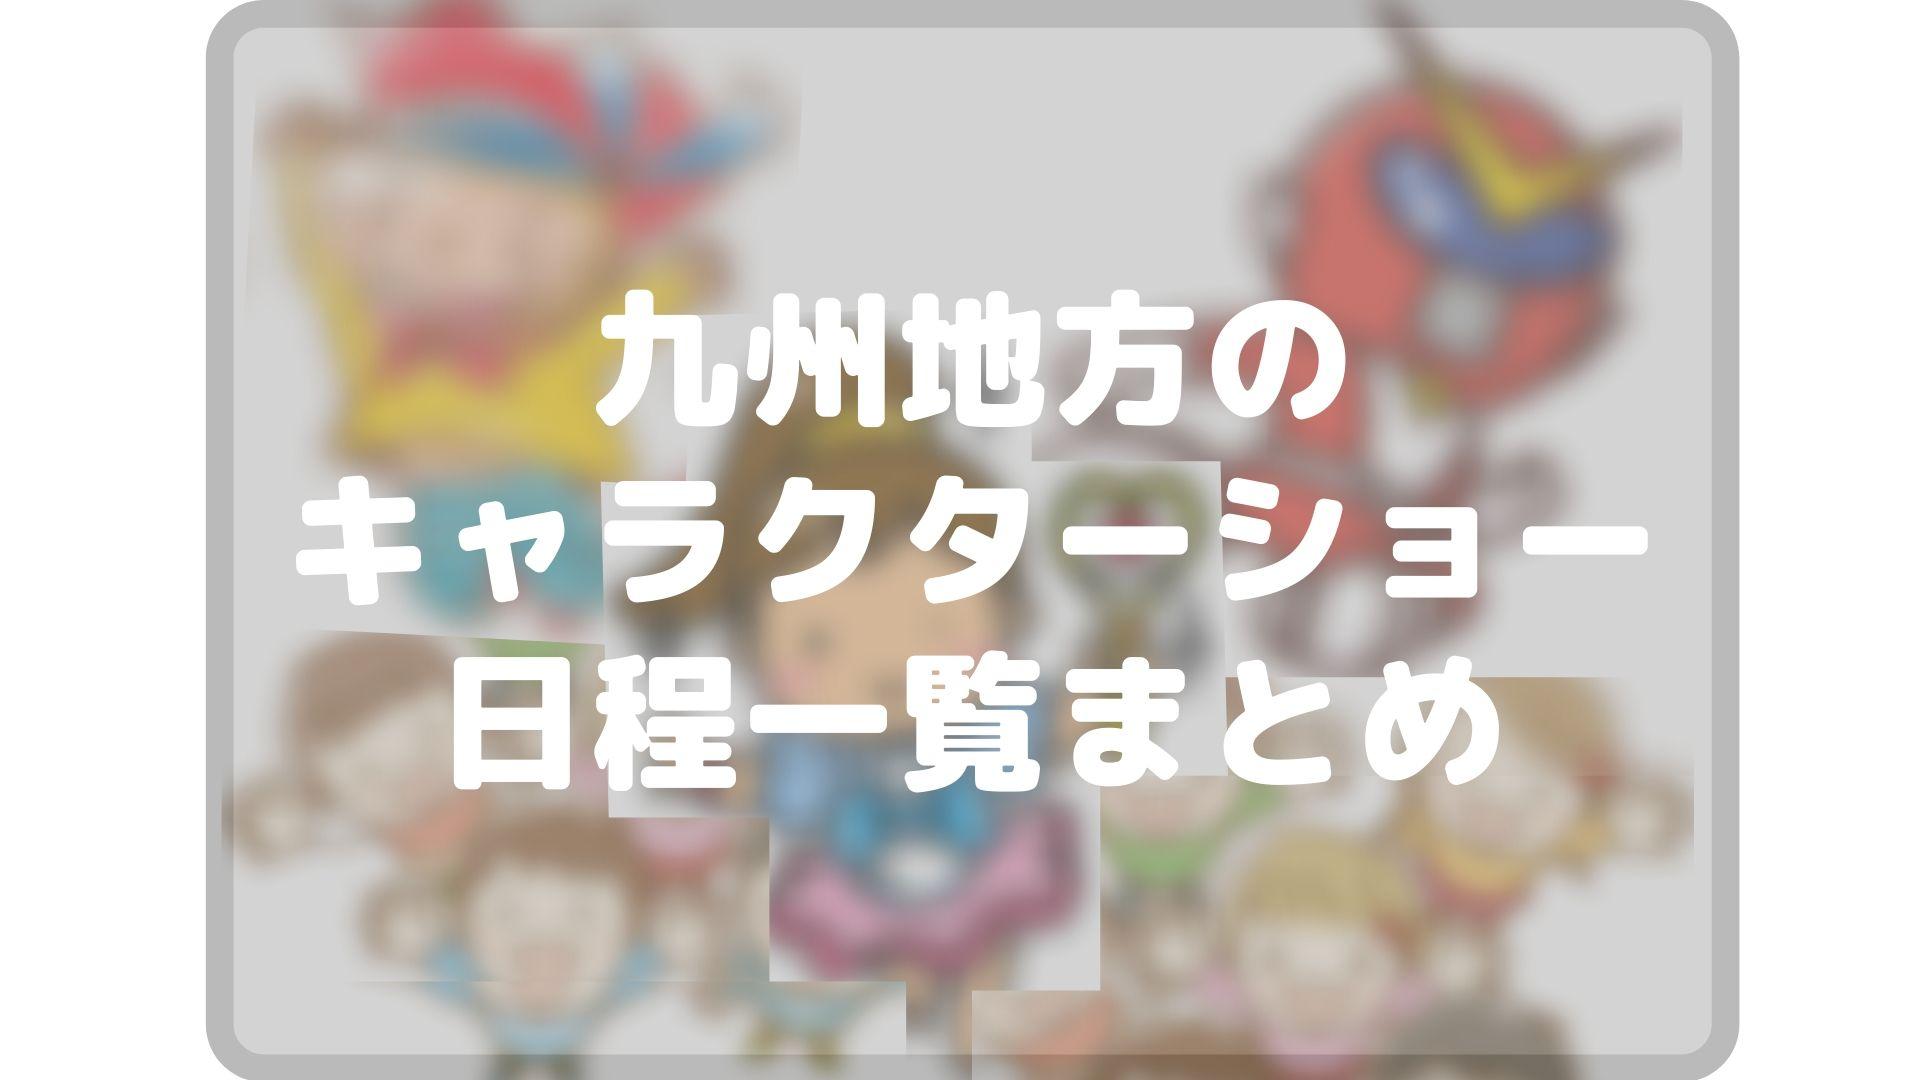 九州地方のキャラクターショーまとめタイトル画像